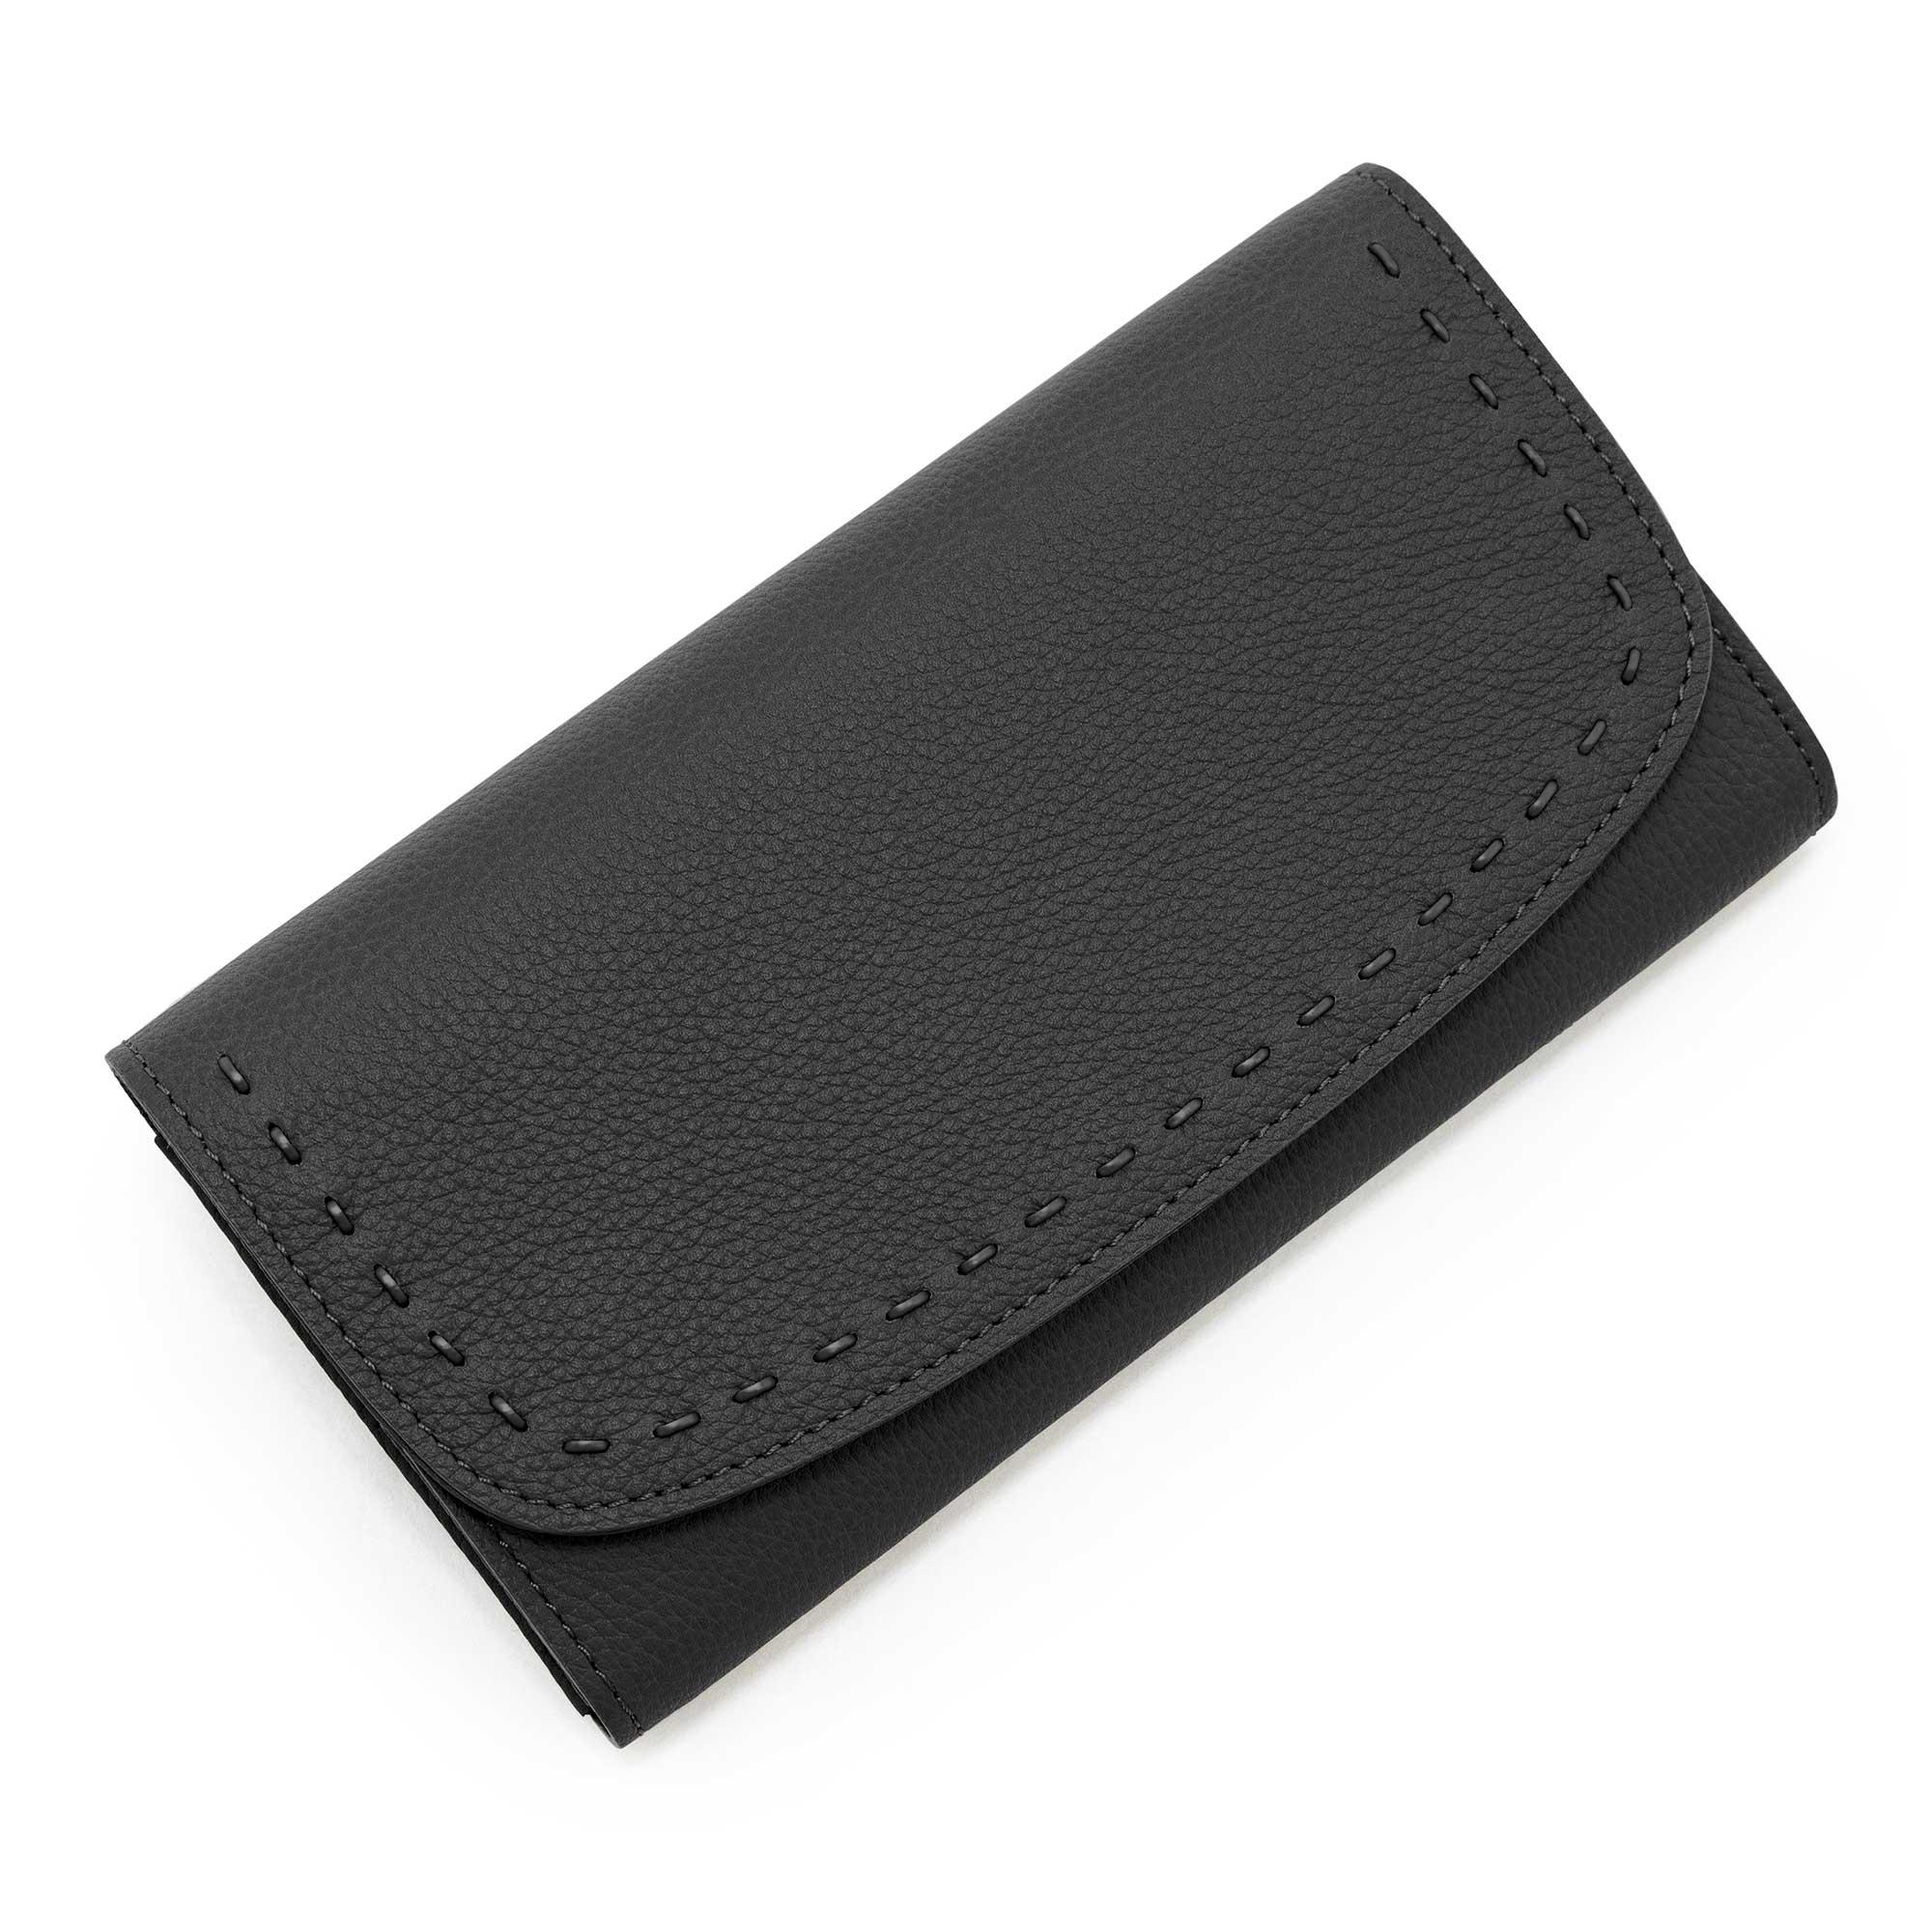 日本製 LILY [BLACK×BLACK 限定色] シュリンクレザー・エスポワール 本革ウォレット[かぶせ式(エンヴェロップ型)長財布]